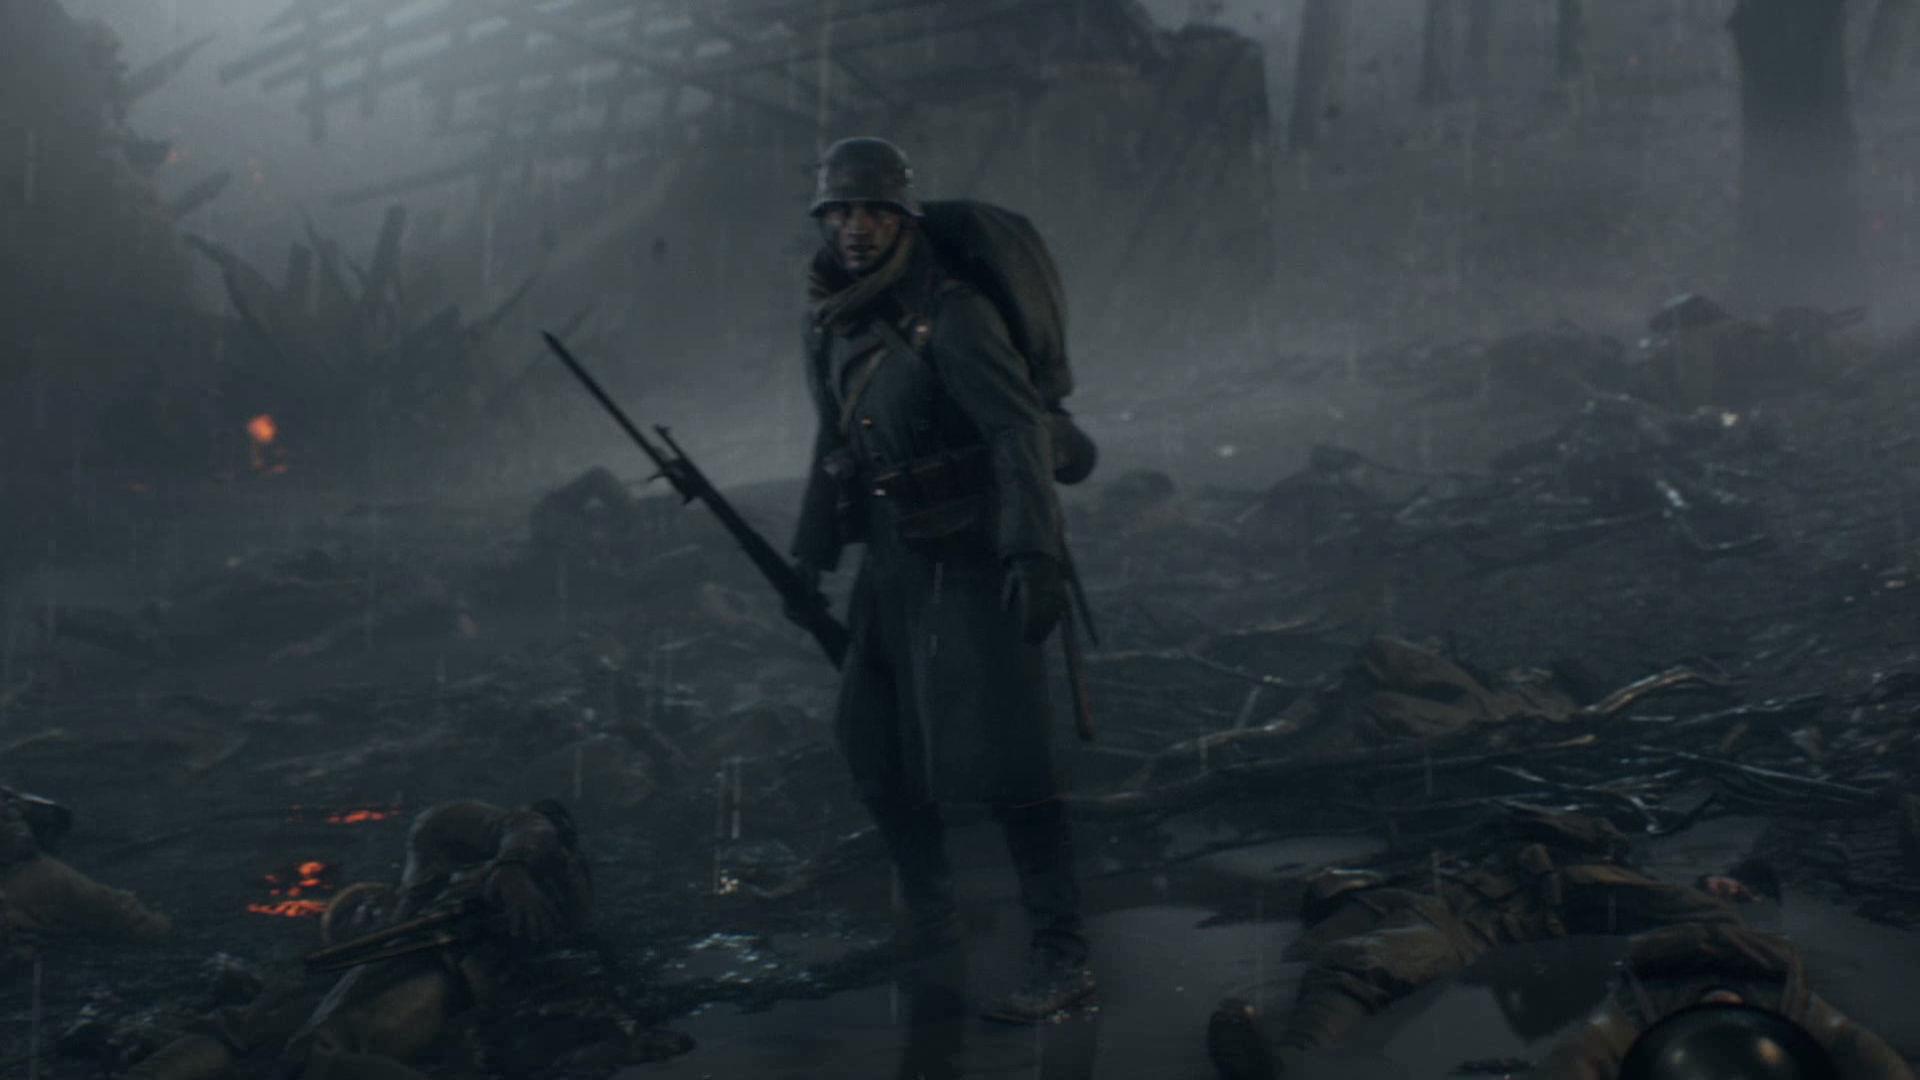 수정됨_Battlefield 1 2016.10.13 - 19.26.09.14.jpg